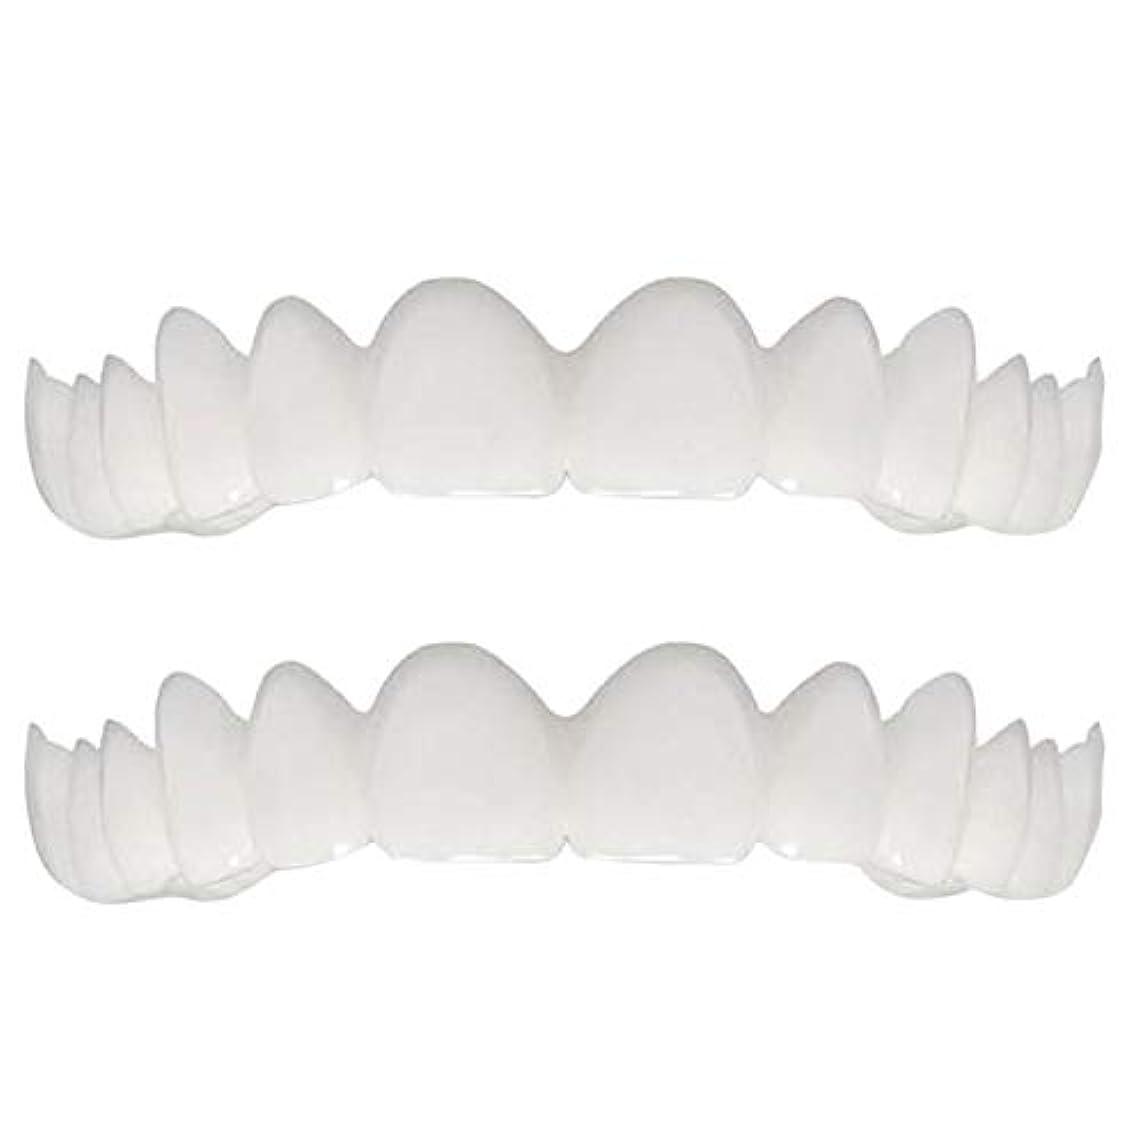 露骨な精算アルカイックシリコーンシミュレーション義歯、白い歯ブレースの上下の列(5セット),Boxed,UpperLower